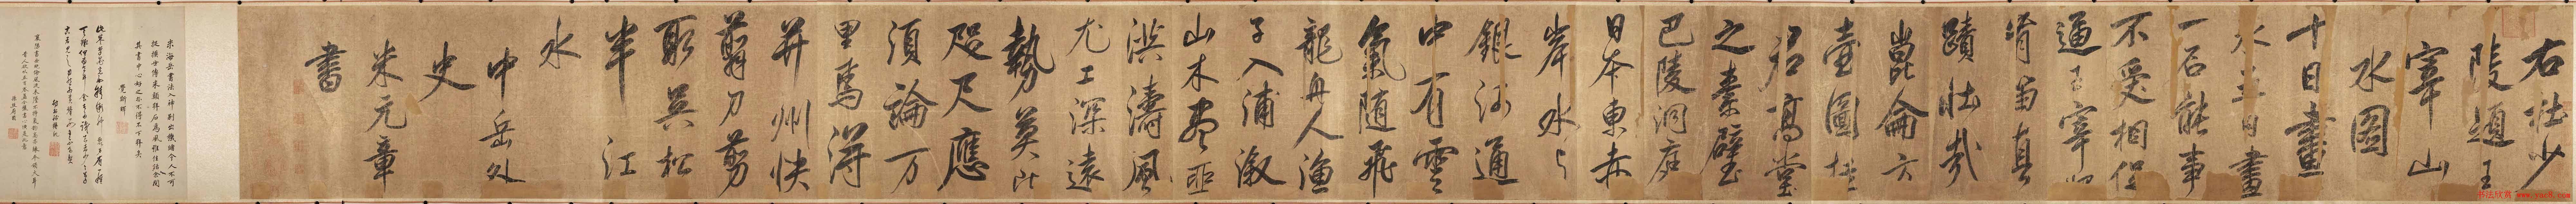 米元章书法长卷右杜少陵题王宰山水图